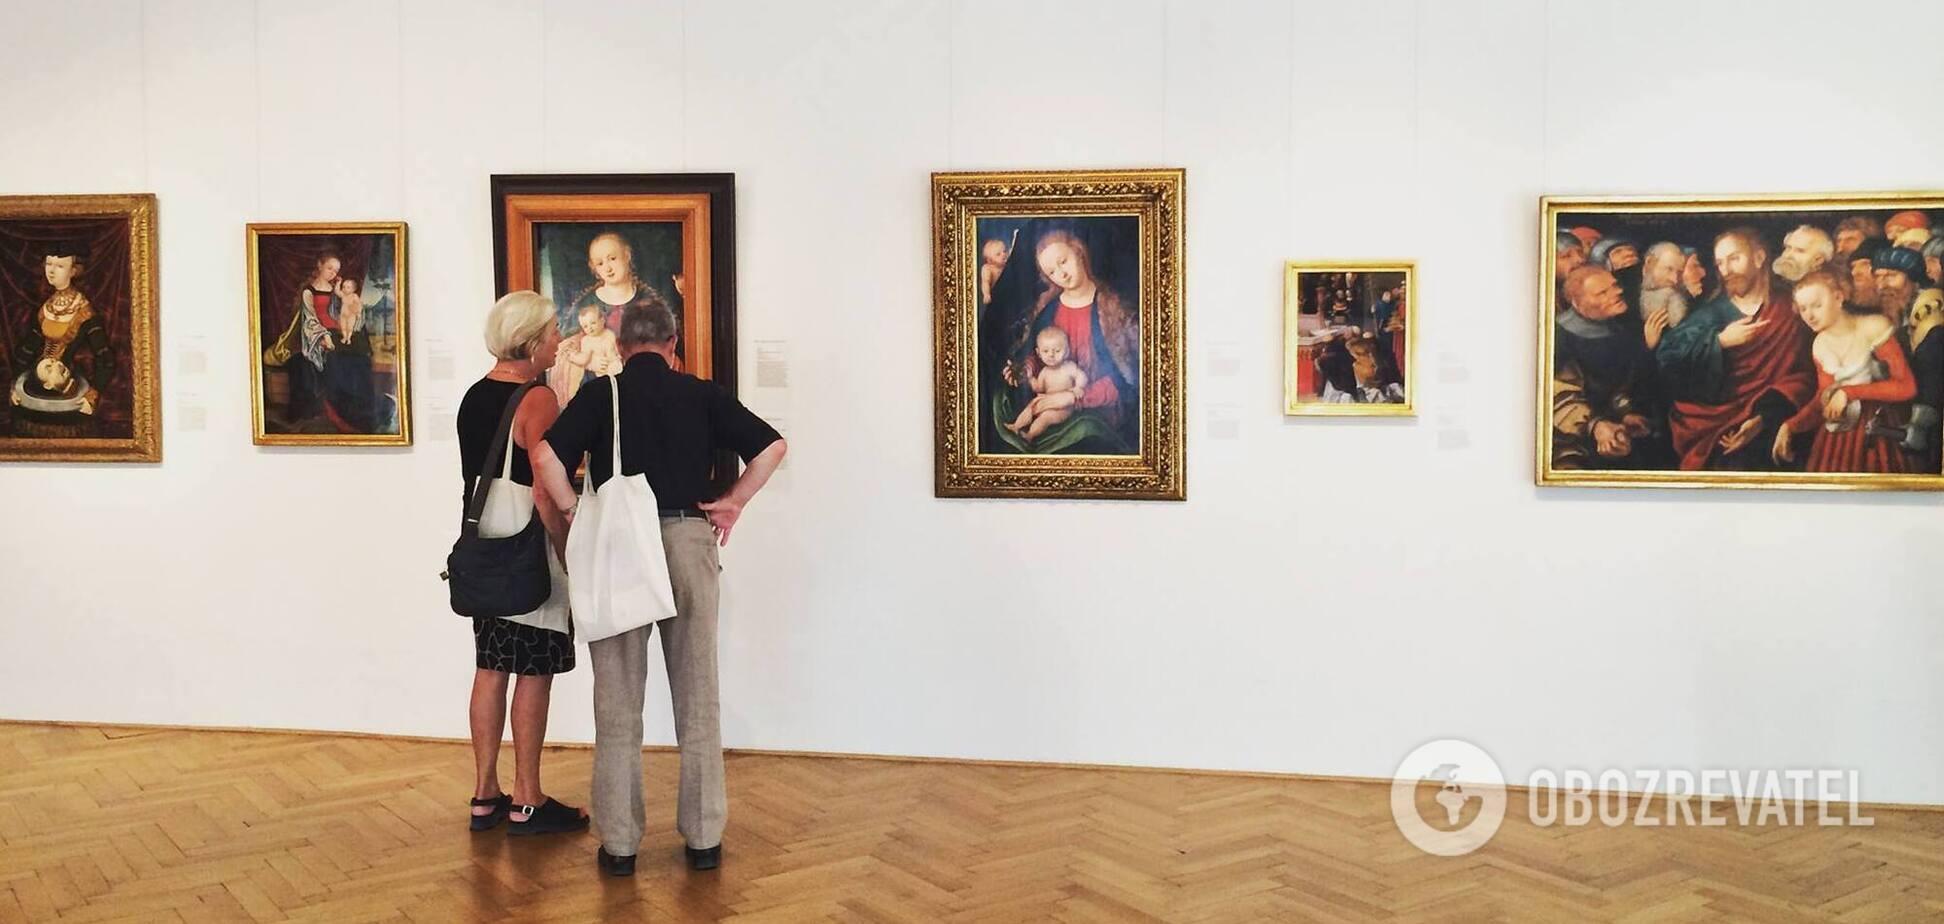 Как полюбить искусство: ответы на популярные вопросы